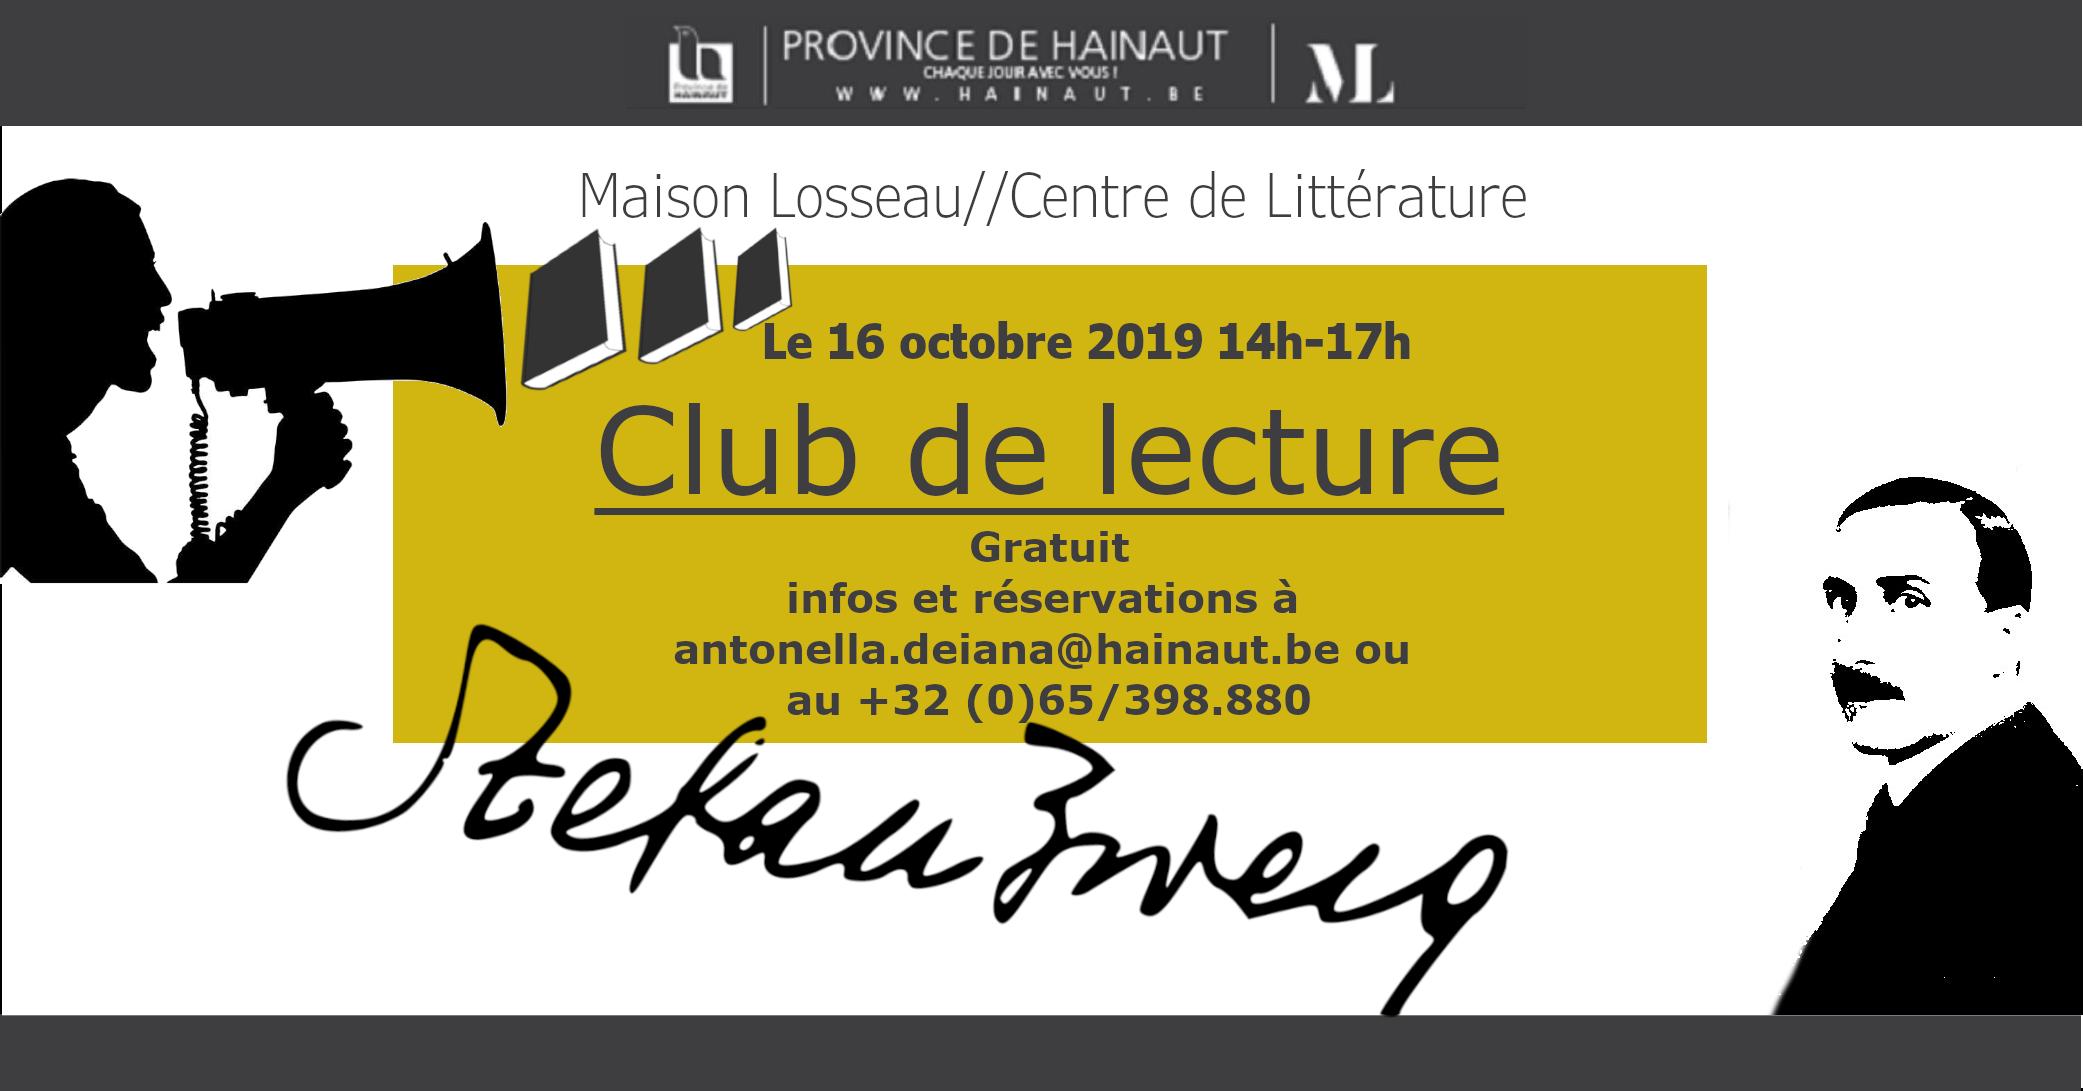 Club de lecture Maison Losseau Stefan Zweig